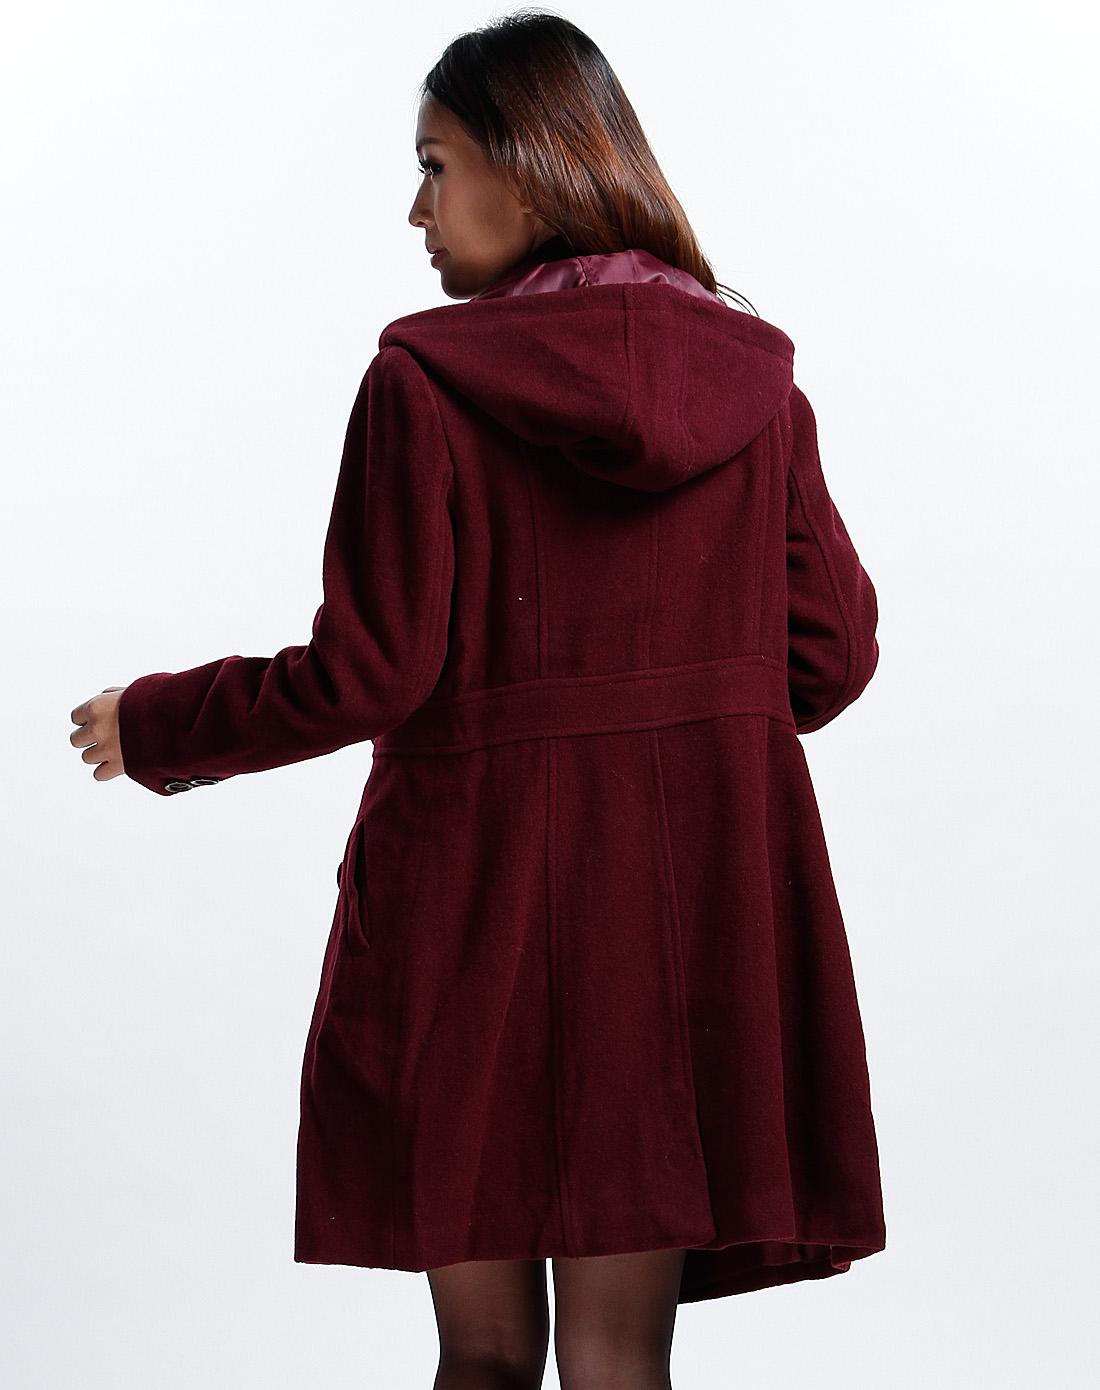 可姿.伊cocci女装专场-酒红色连帽长袖大衣